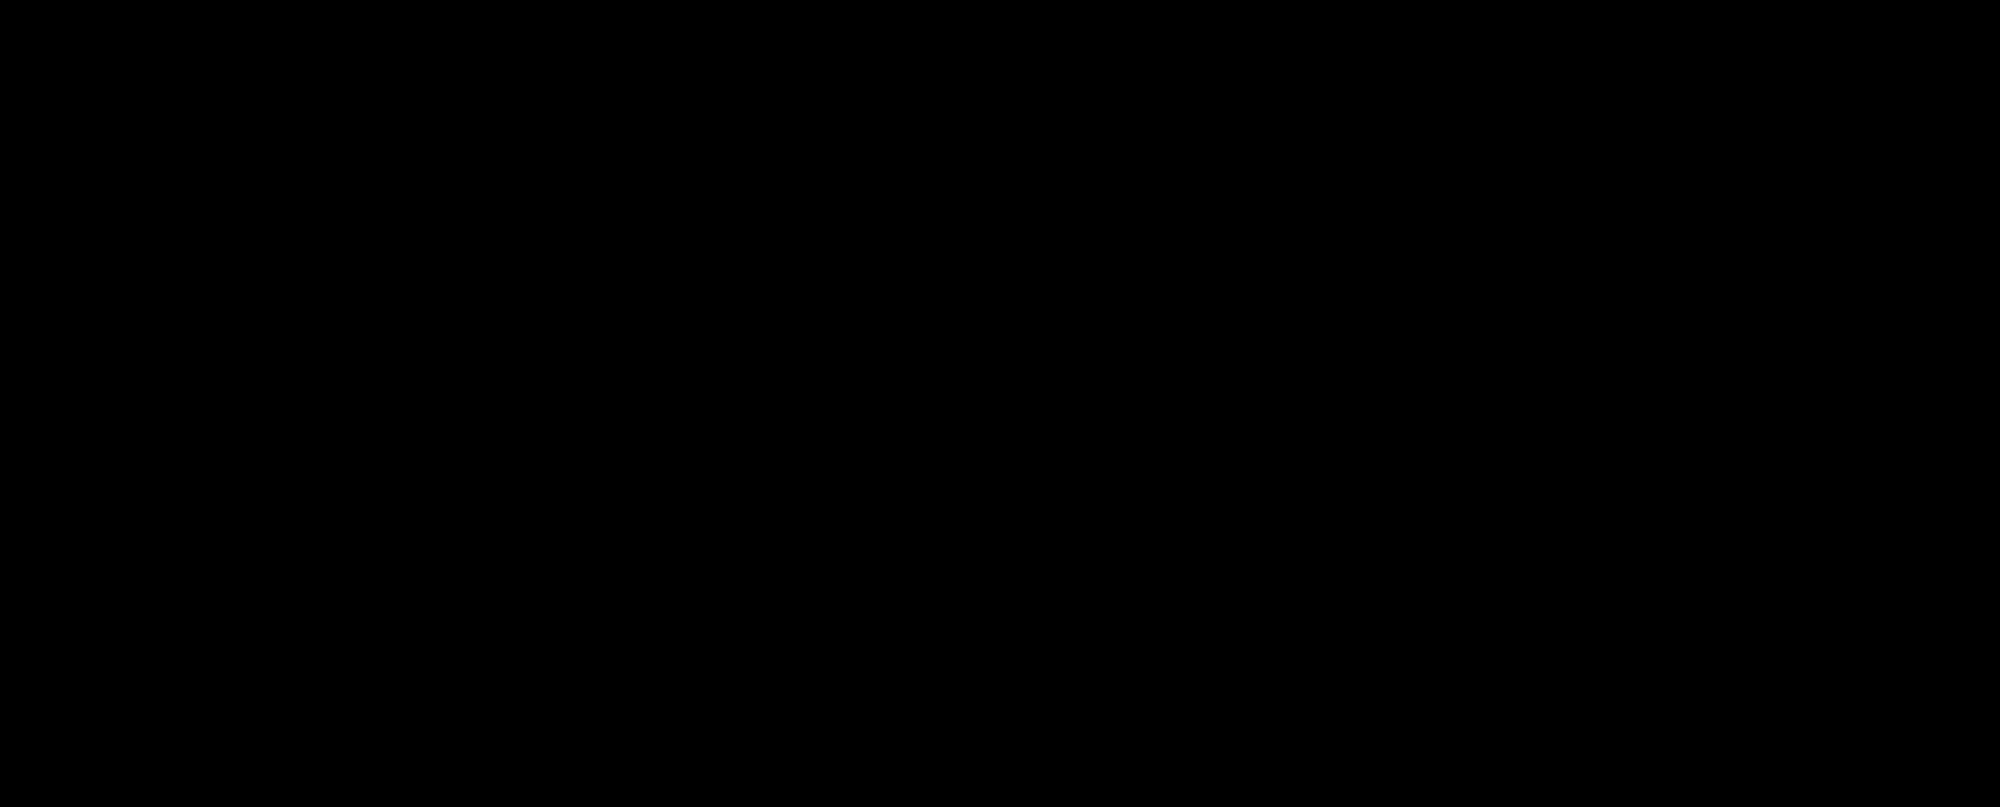 E101f255f9